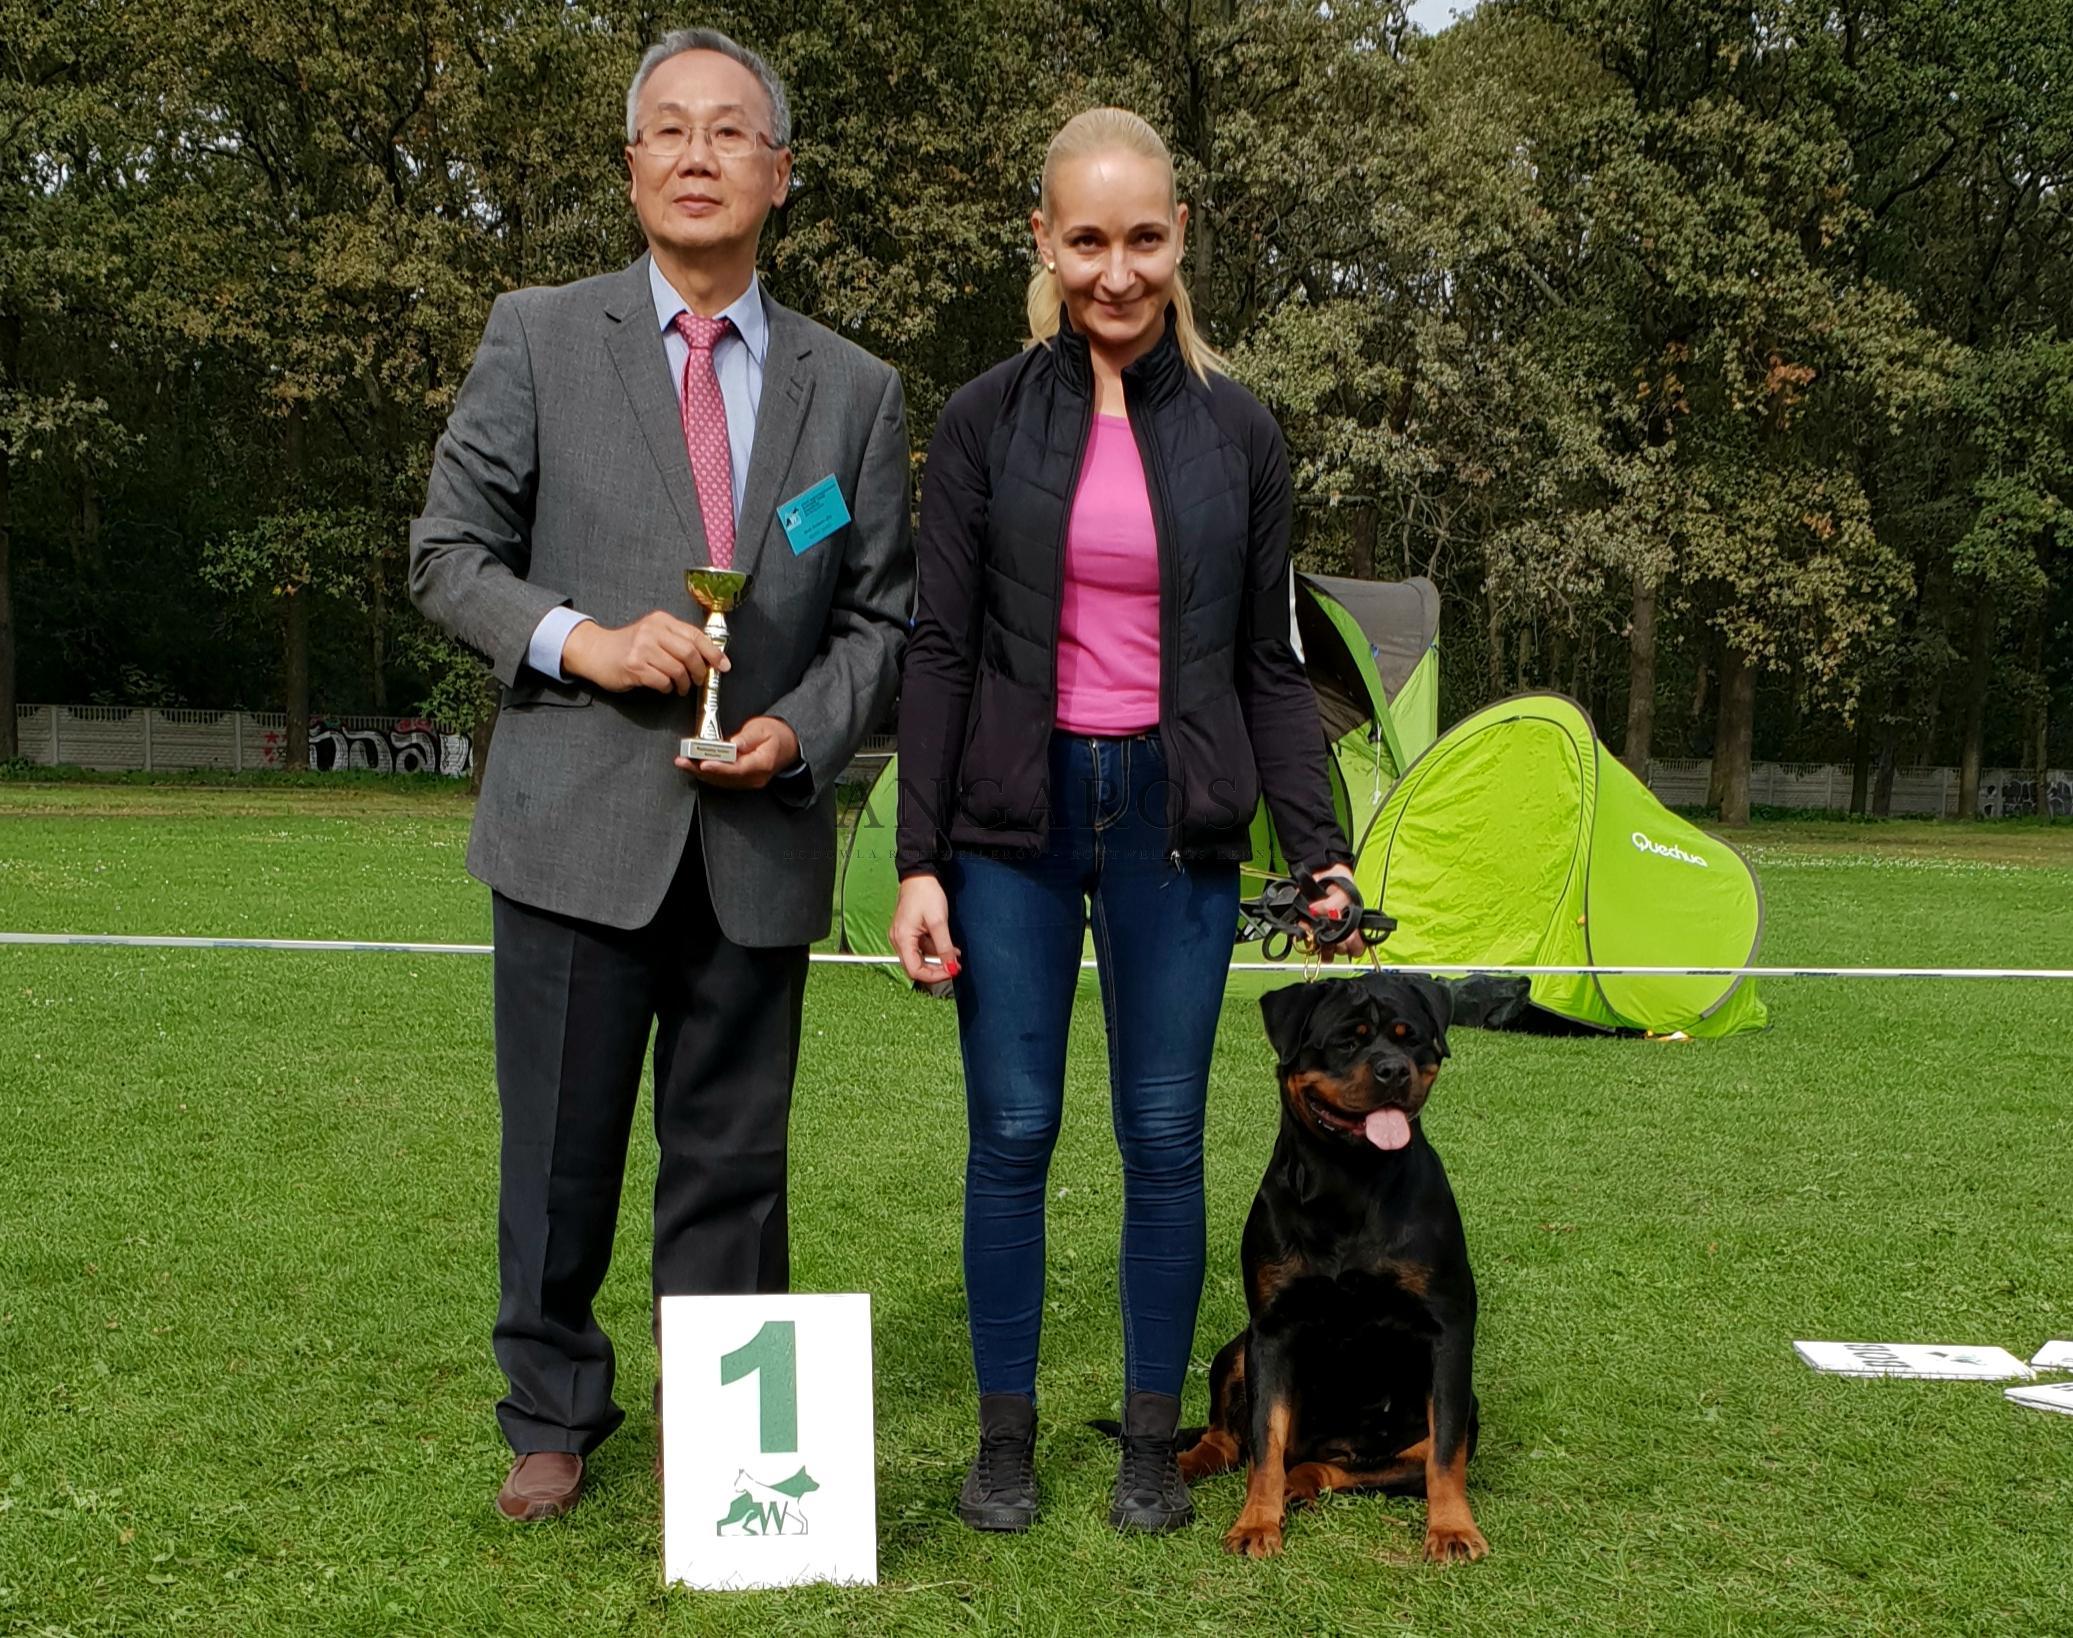 Mamy to! MERCEDES FOR ANGAROS Darel Młodzieżową Zwyciężczynią Polski 2019 ! A także Młodzieżowym Championem Polski !!! | Rottweiler - Hodowla Rottweilerów Angaros - Rottweilers - Rottweilery